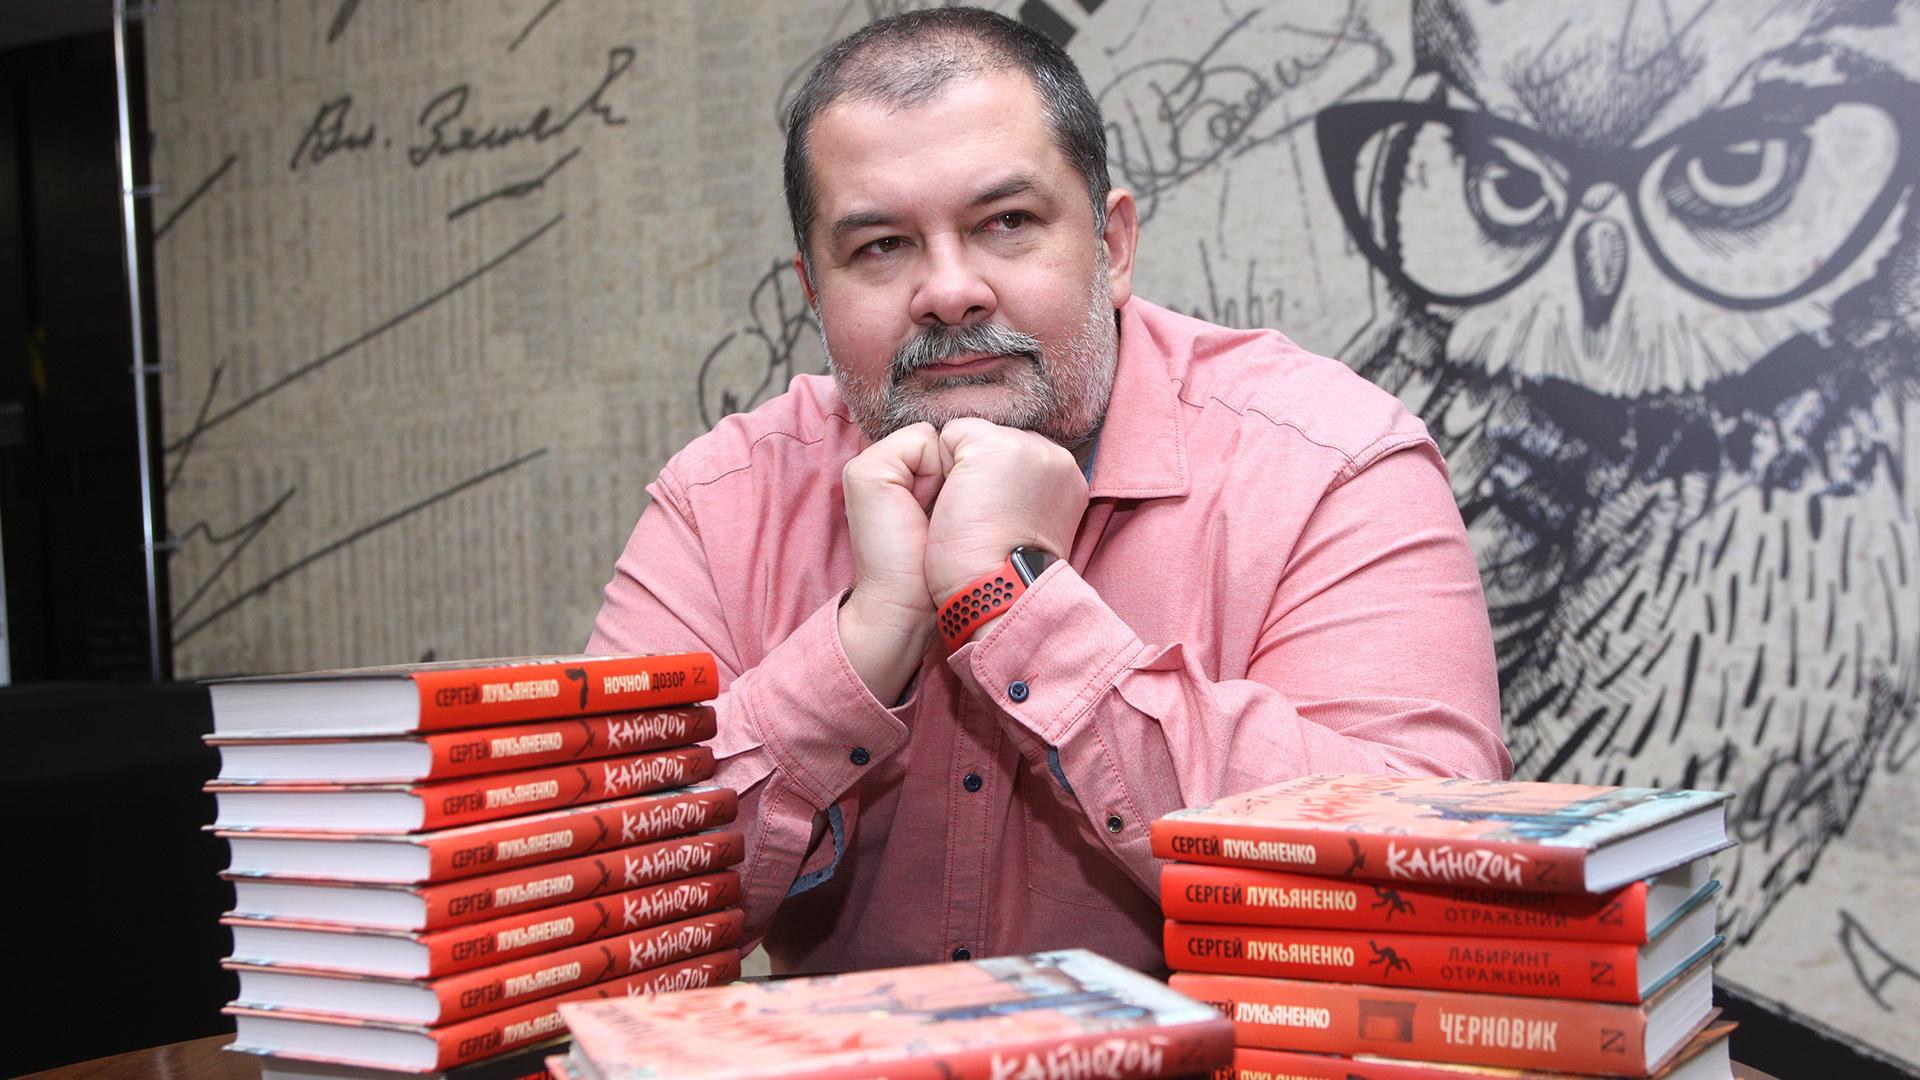 «Неинтересно становится»: писатель Сергей Лукьяненко раскритиковал гайды попрохождению игр